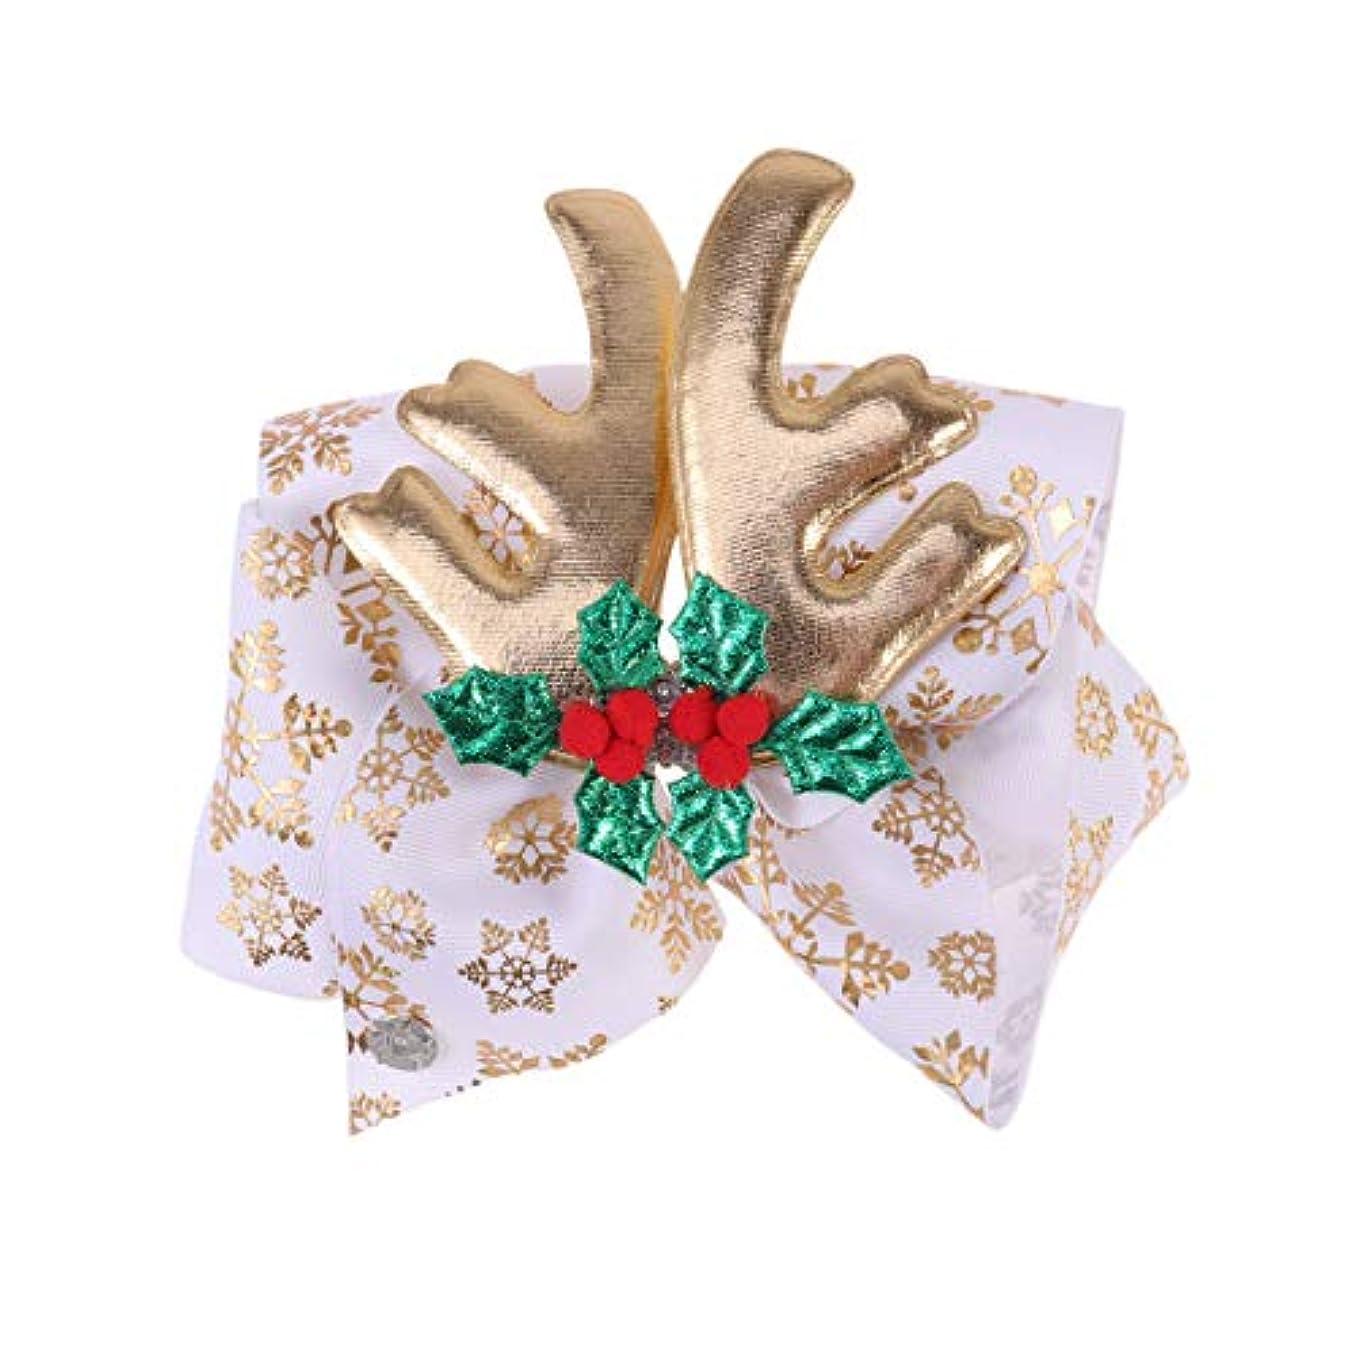 近代化する家具承知しましたLurrose クリスマスの弓のヘアクリップ枝角ヘアピンクリスマスの日の子供の子供のためのダイヤモンドヘアアクセサリー